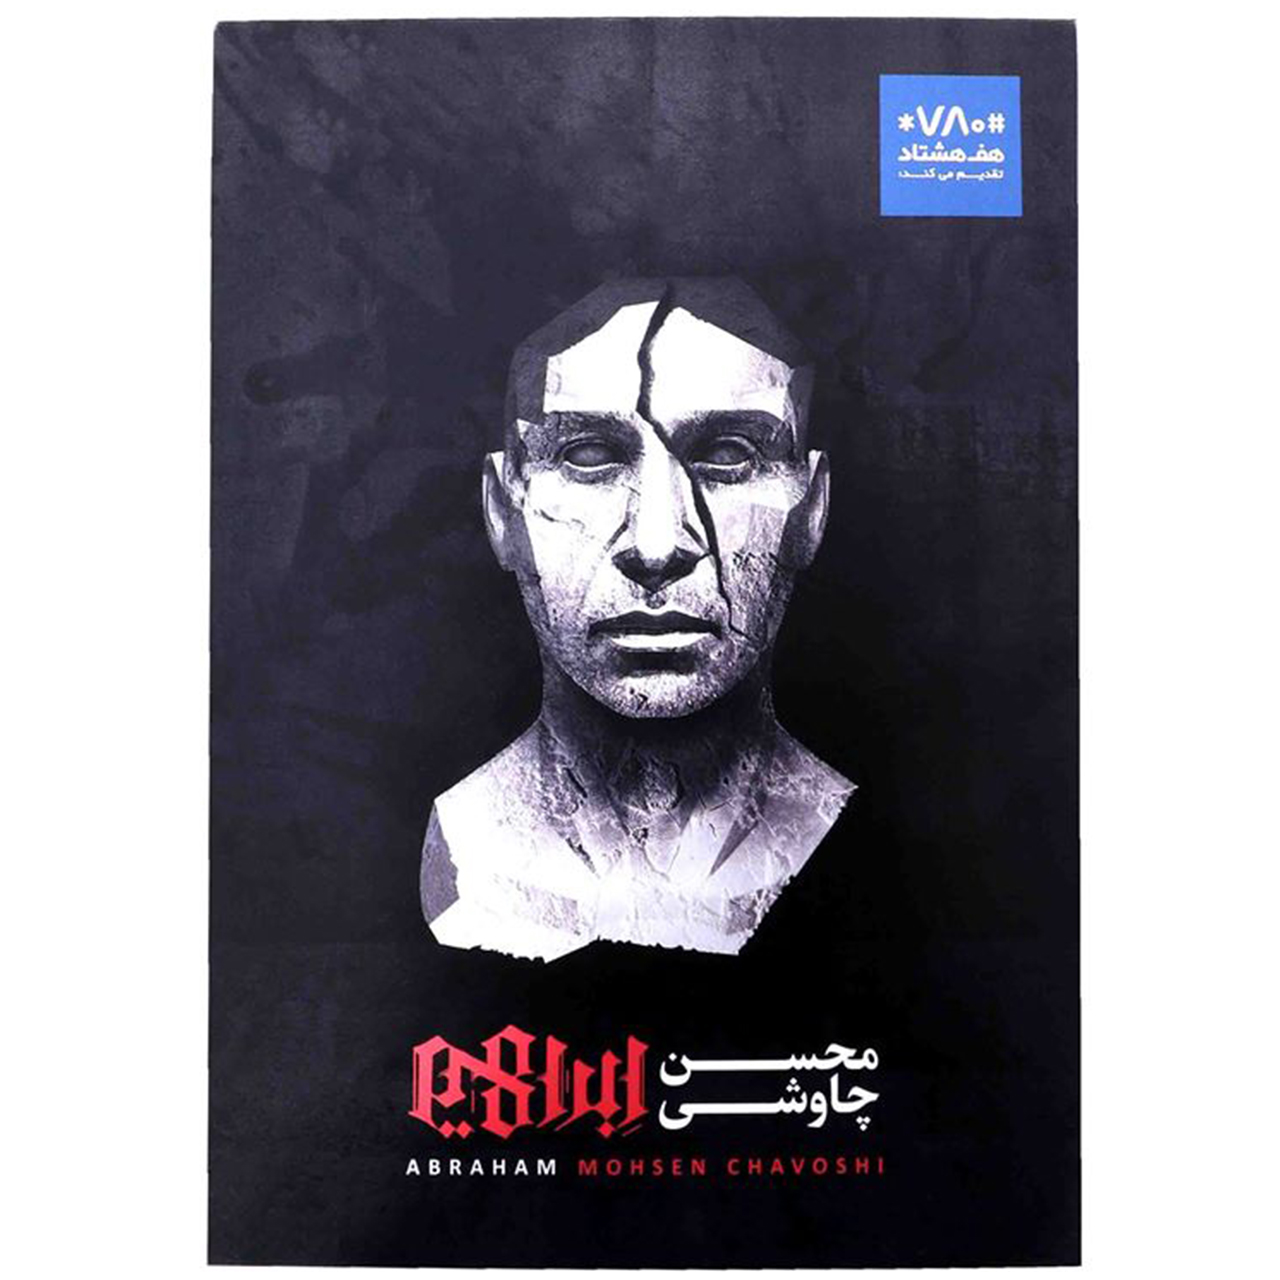 آلبوم موسیقی ابراهیم اثر محسن چاوشی بسته بندی دیجی پک